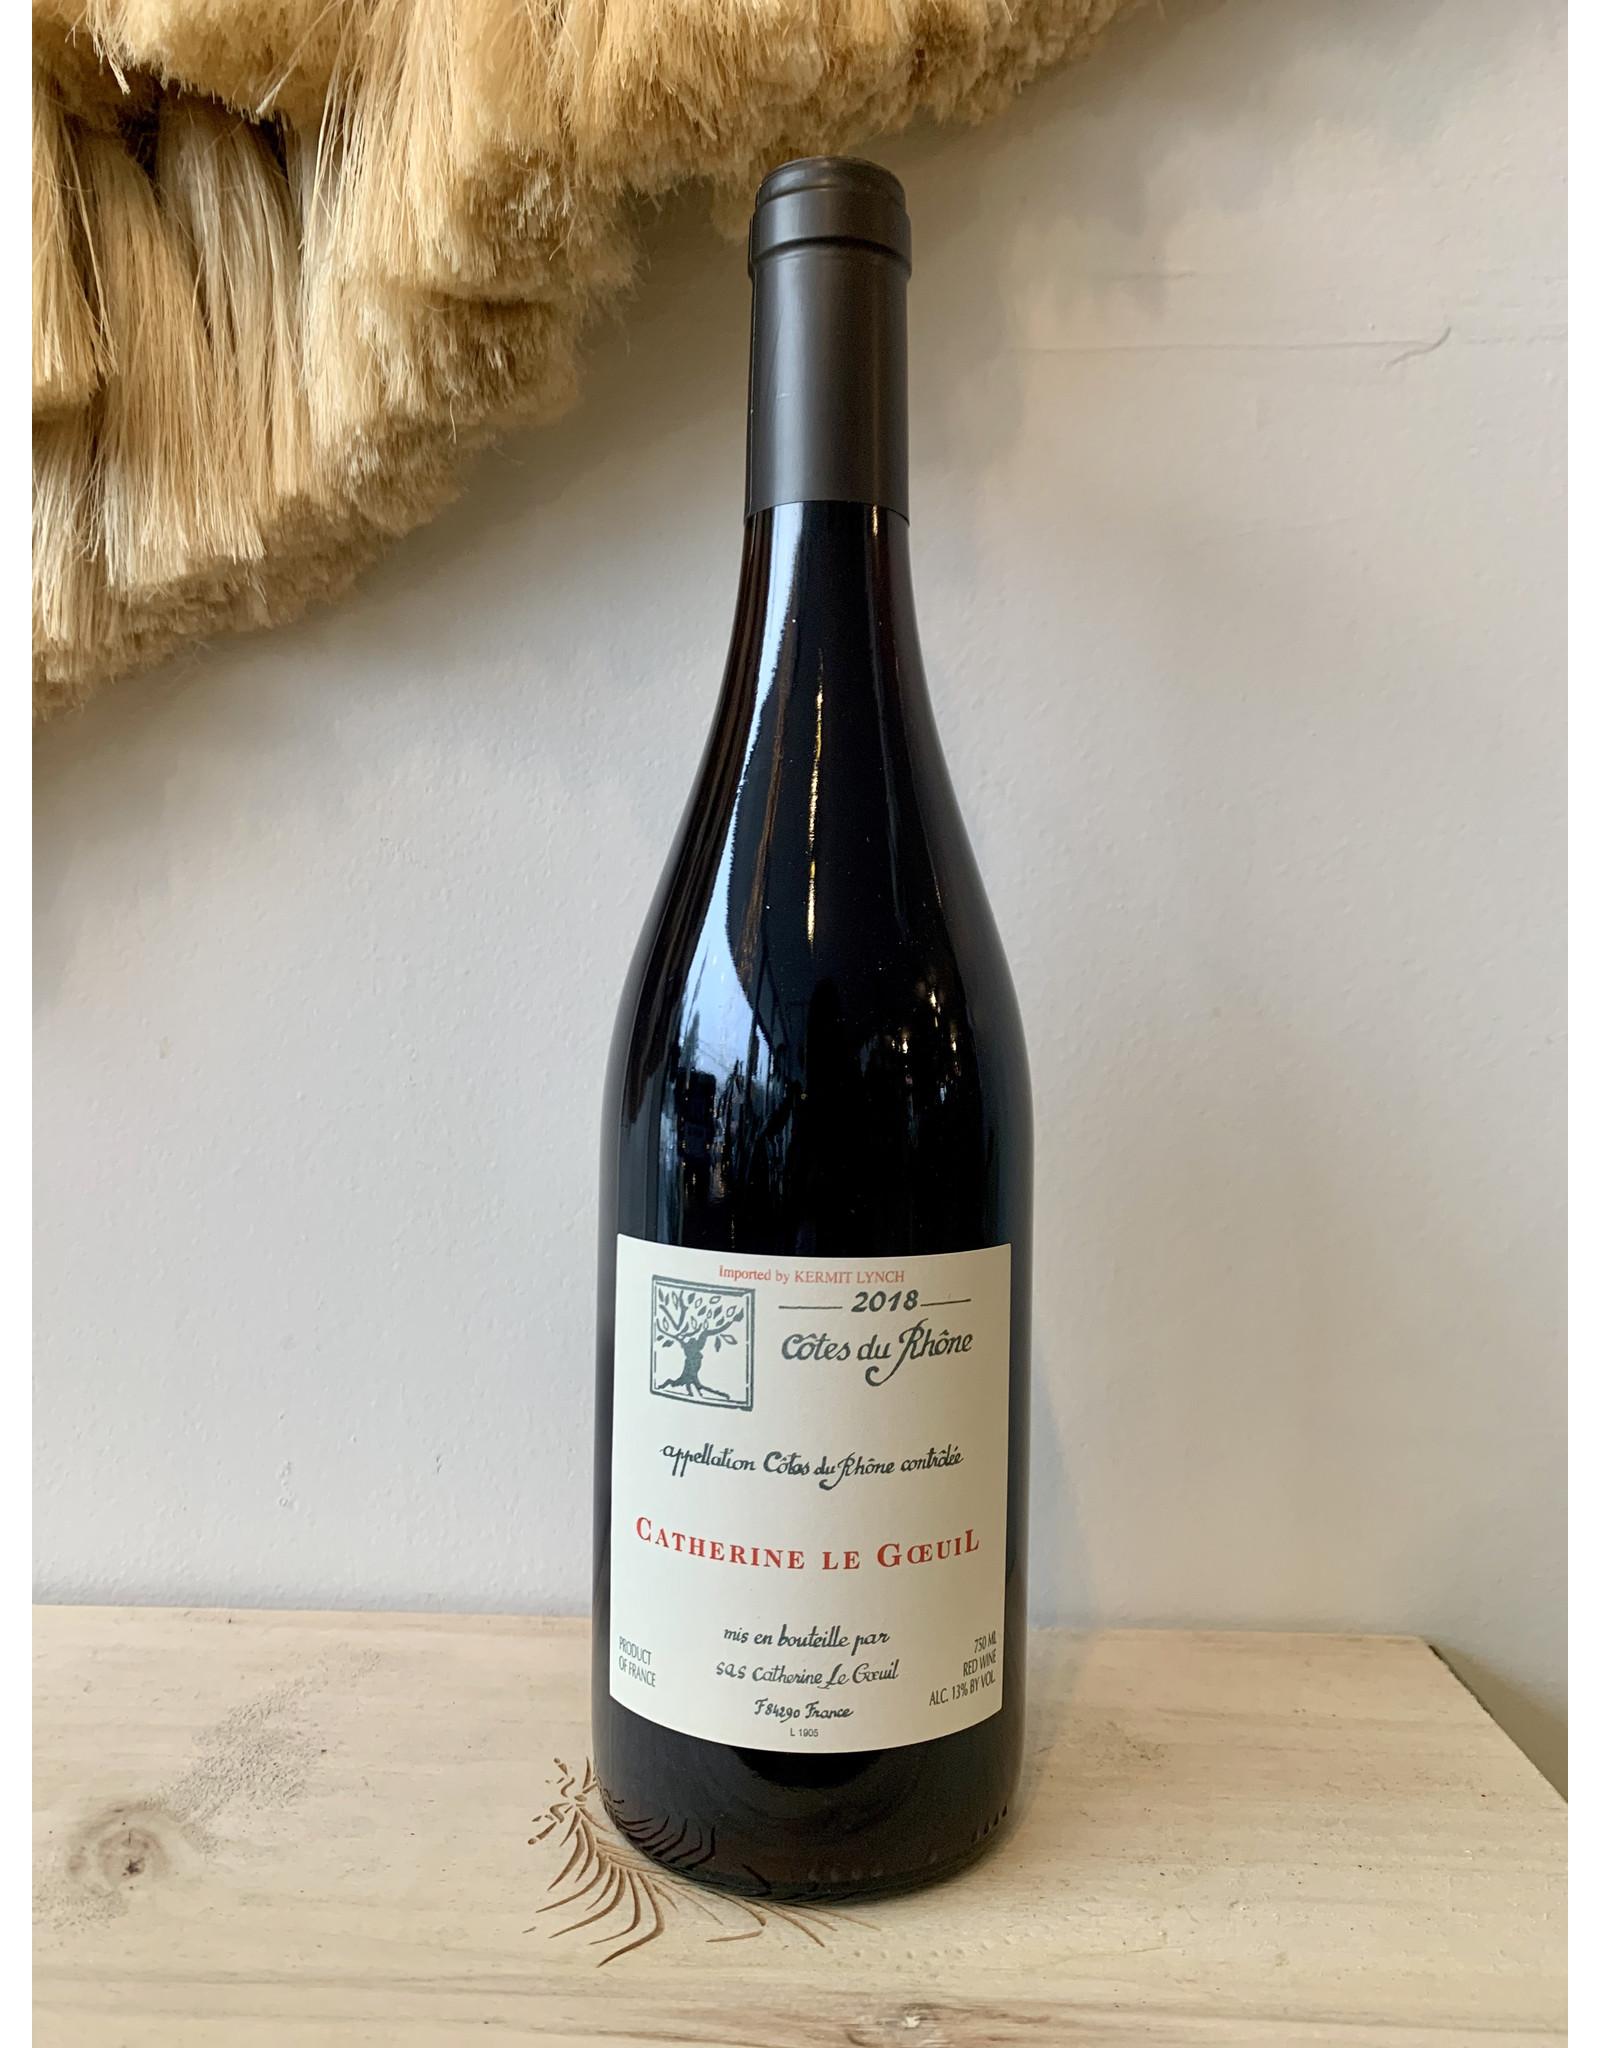 Domaine Catherine Le Goeuil Cotes du Rhone 2018